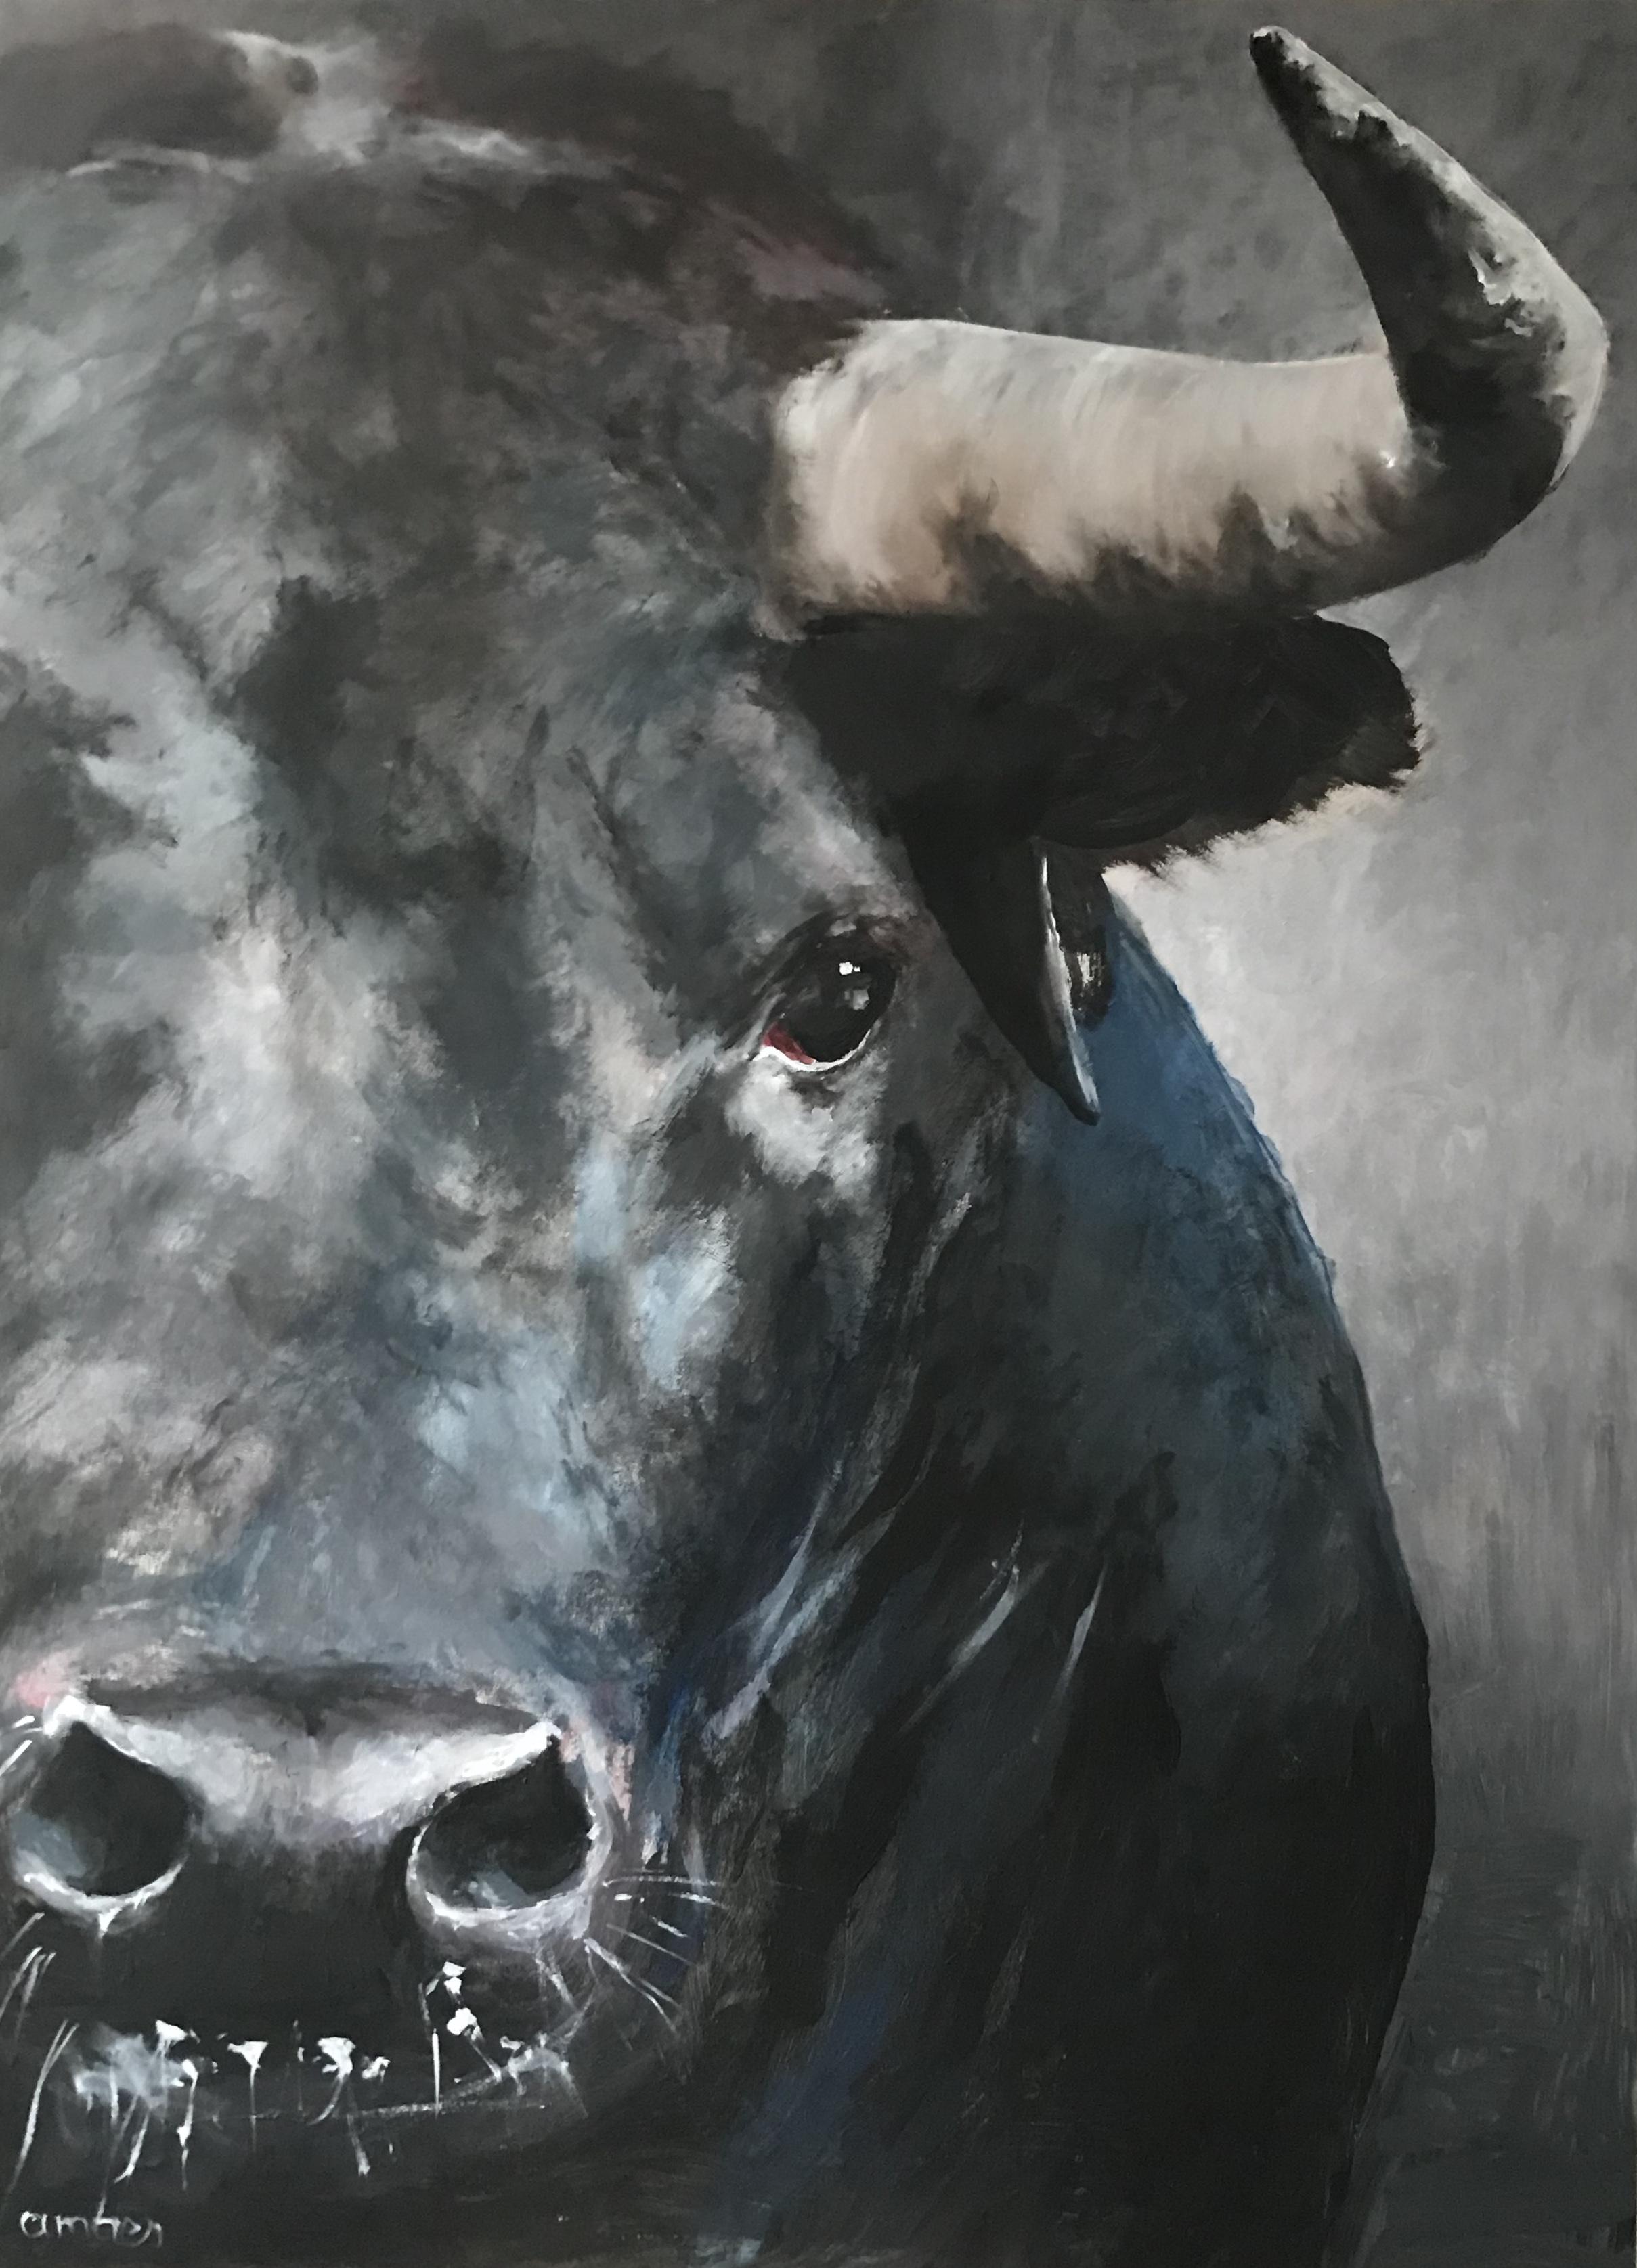 S-261-Bull acryl 60x80cm